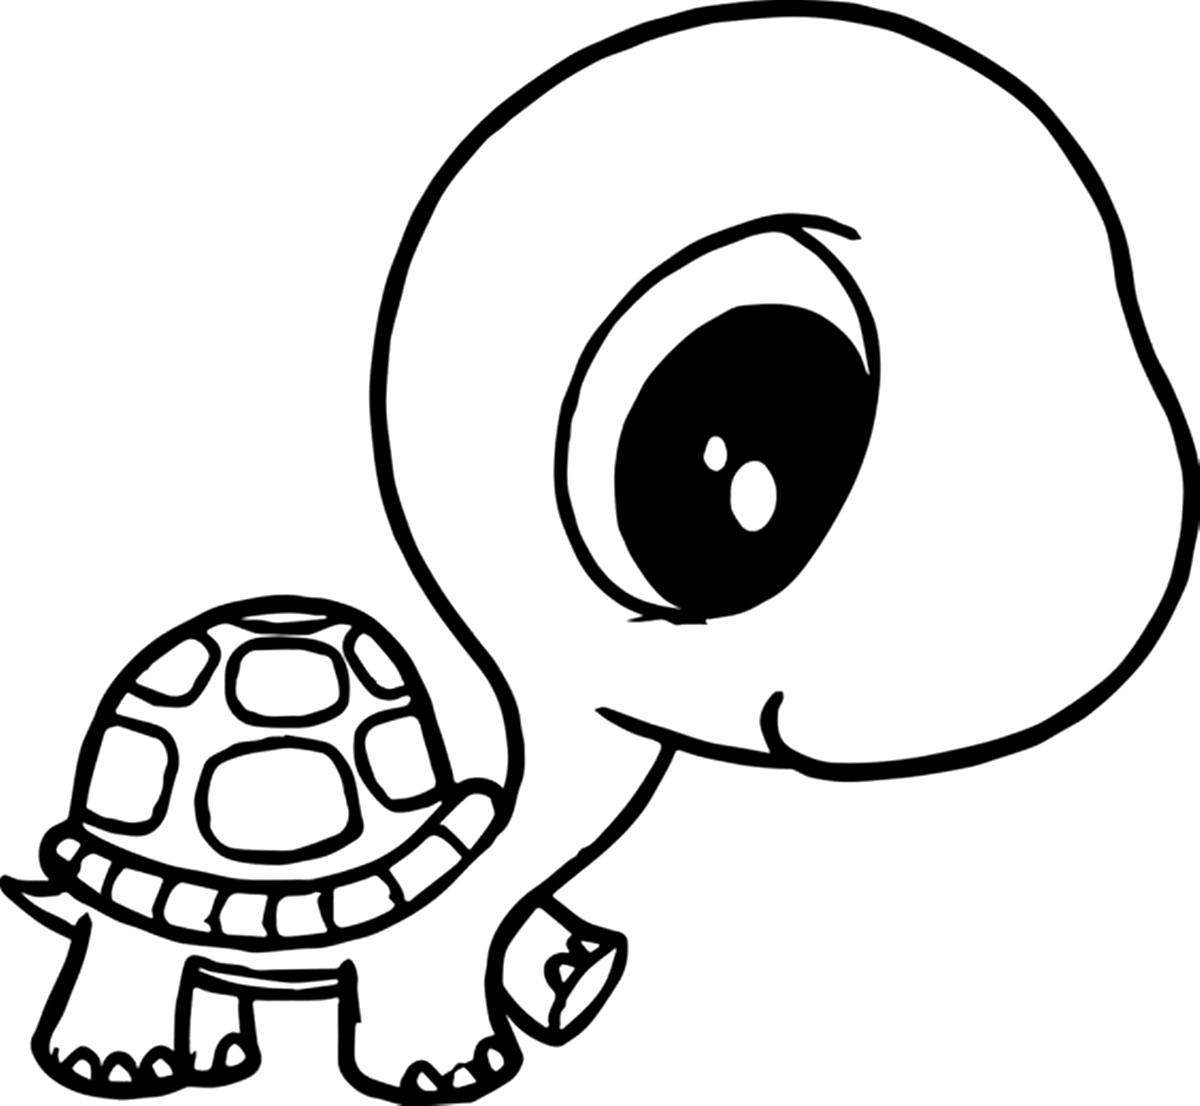 Riscos Graciosos Cute Drawings Riscos De Tartarugas